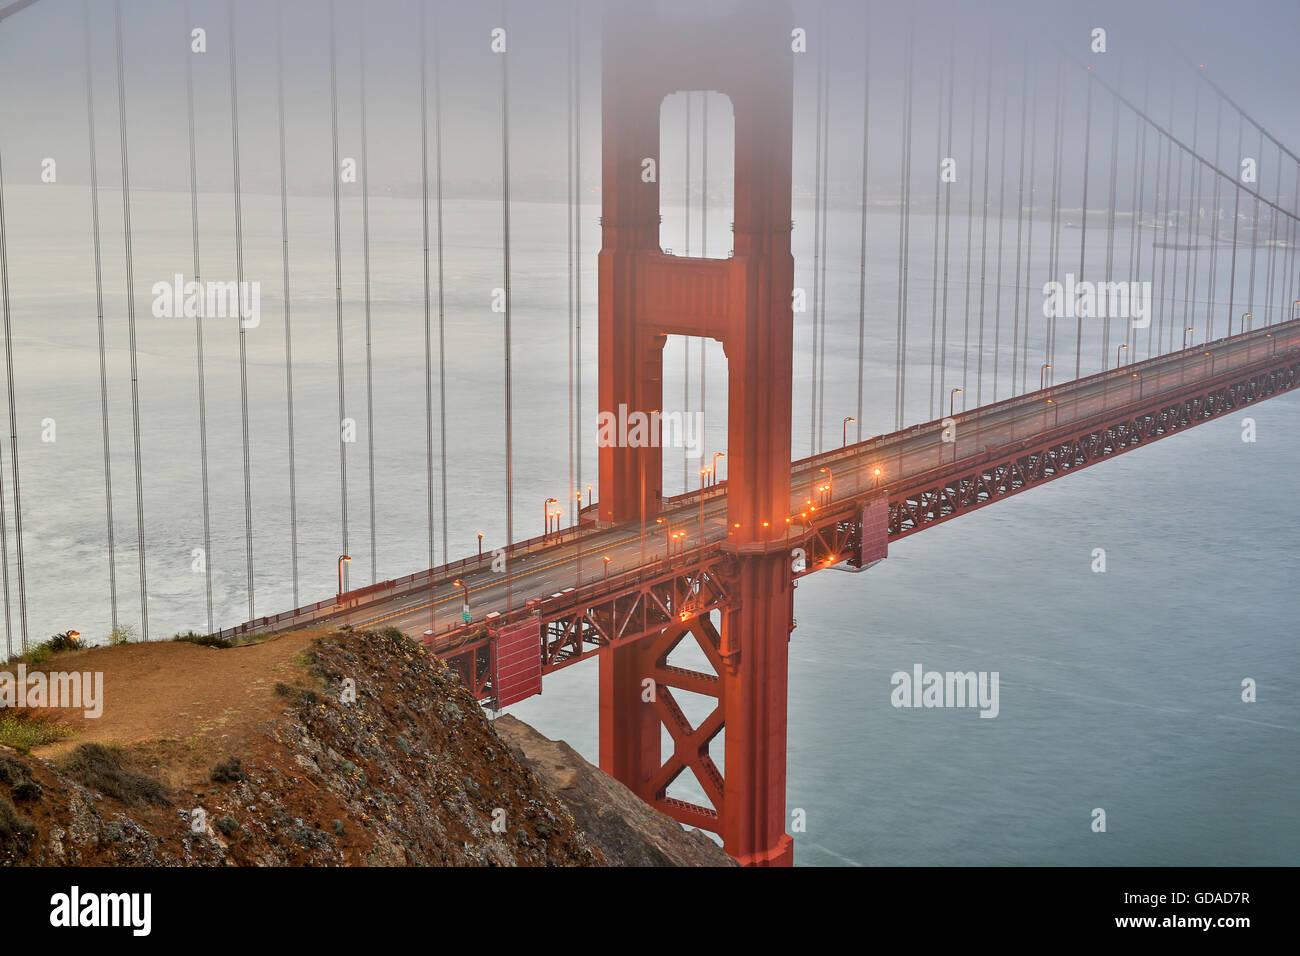 Nebel und Dunst über die Golden Gate Bridge in San Francisco, Kalifornien, USA Stockbild